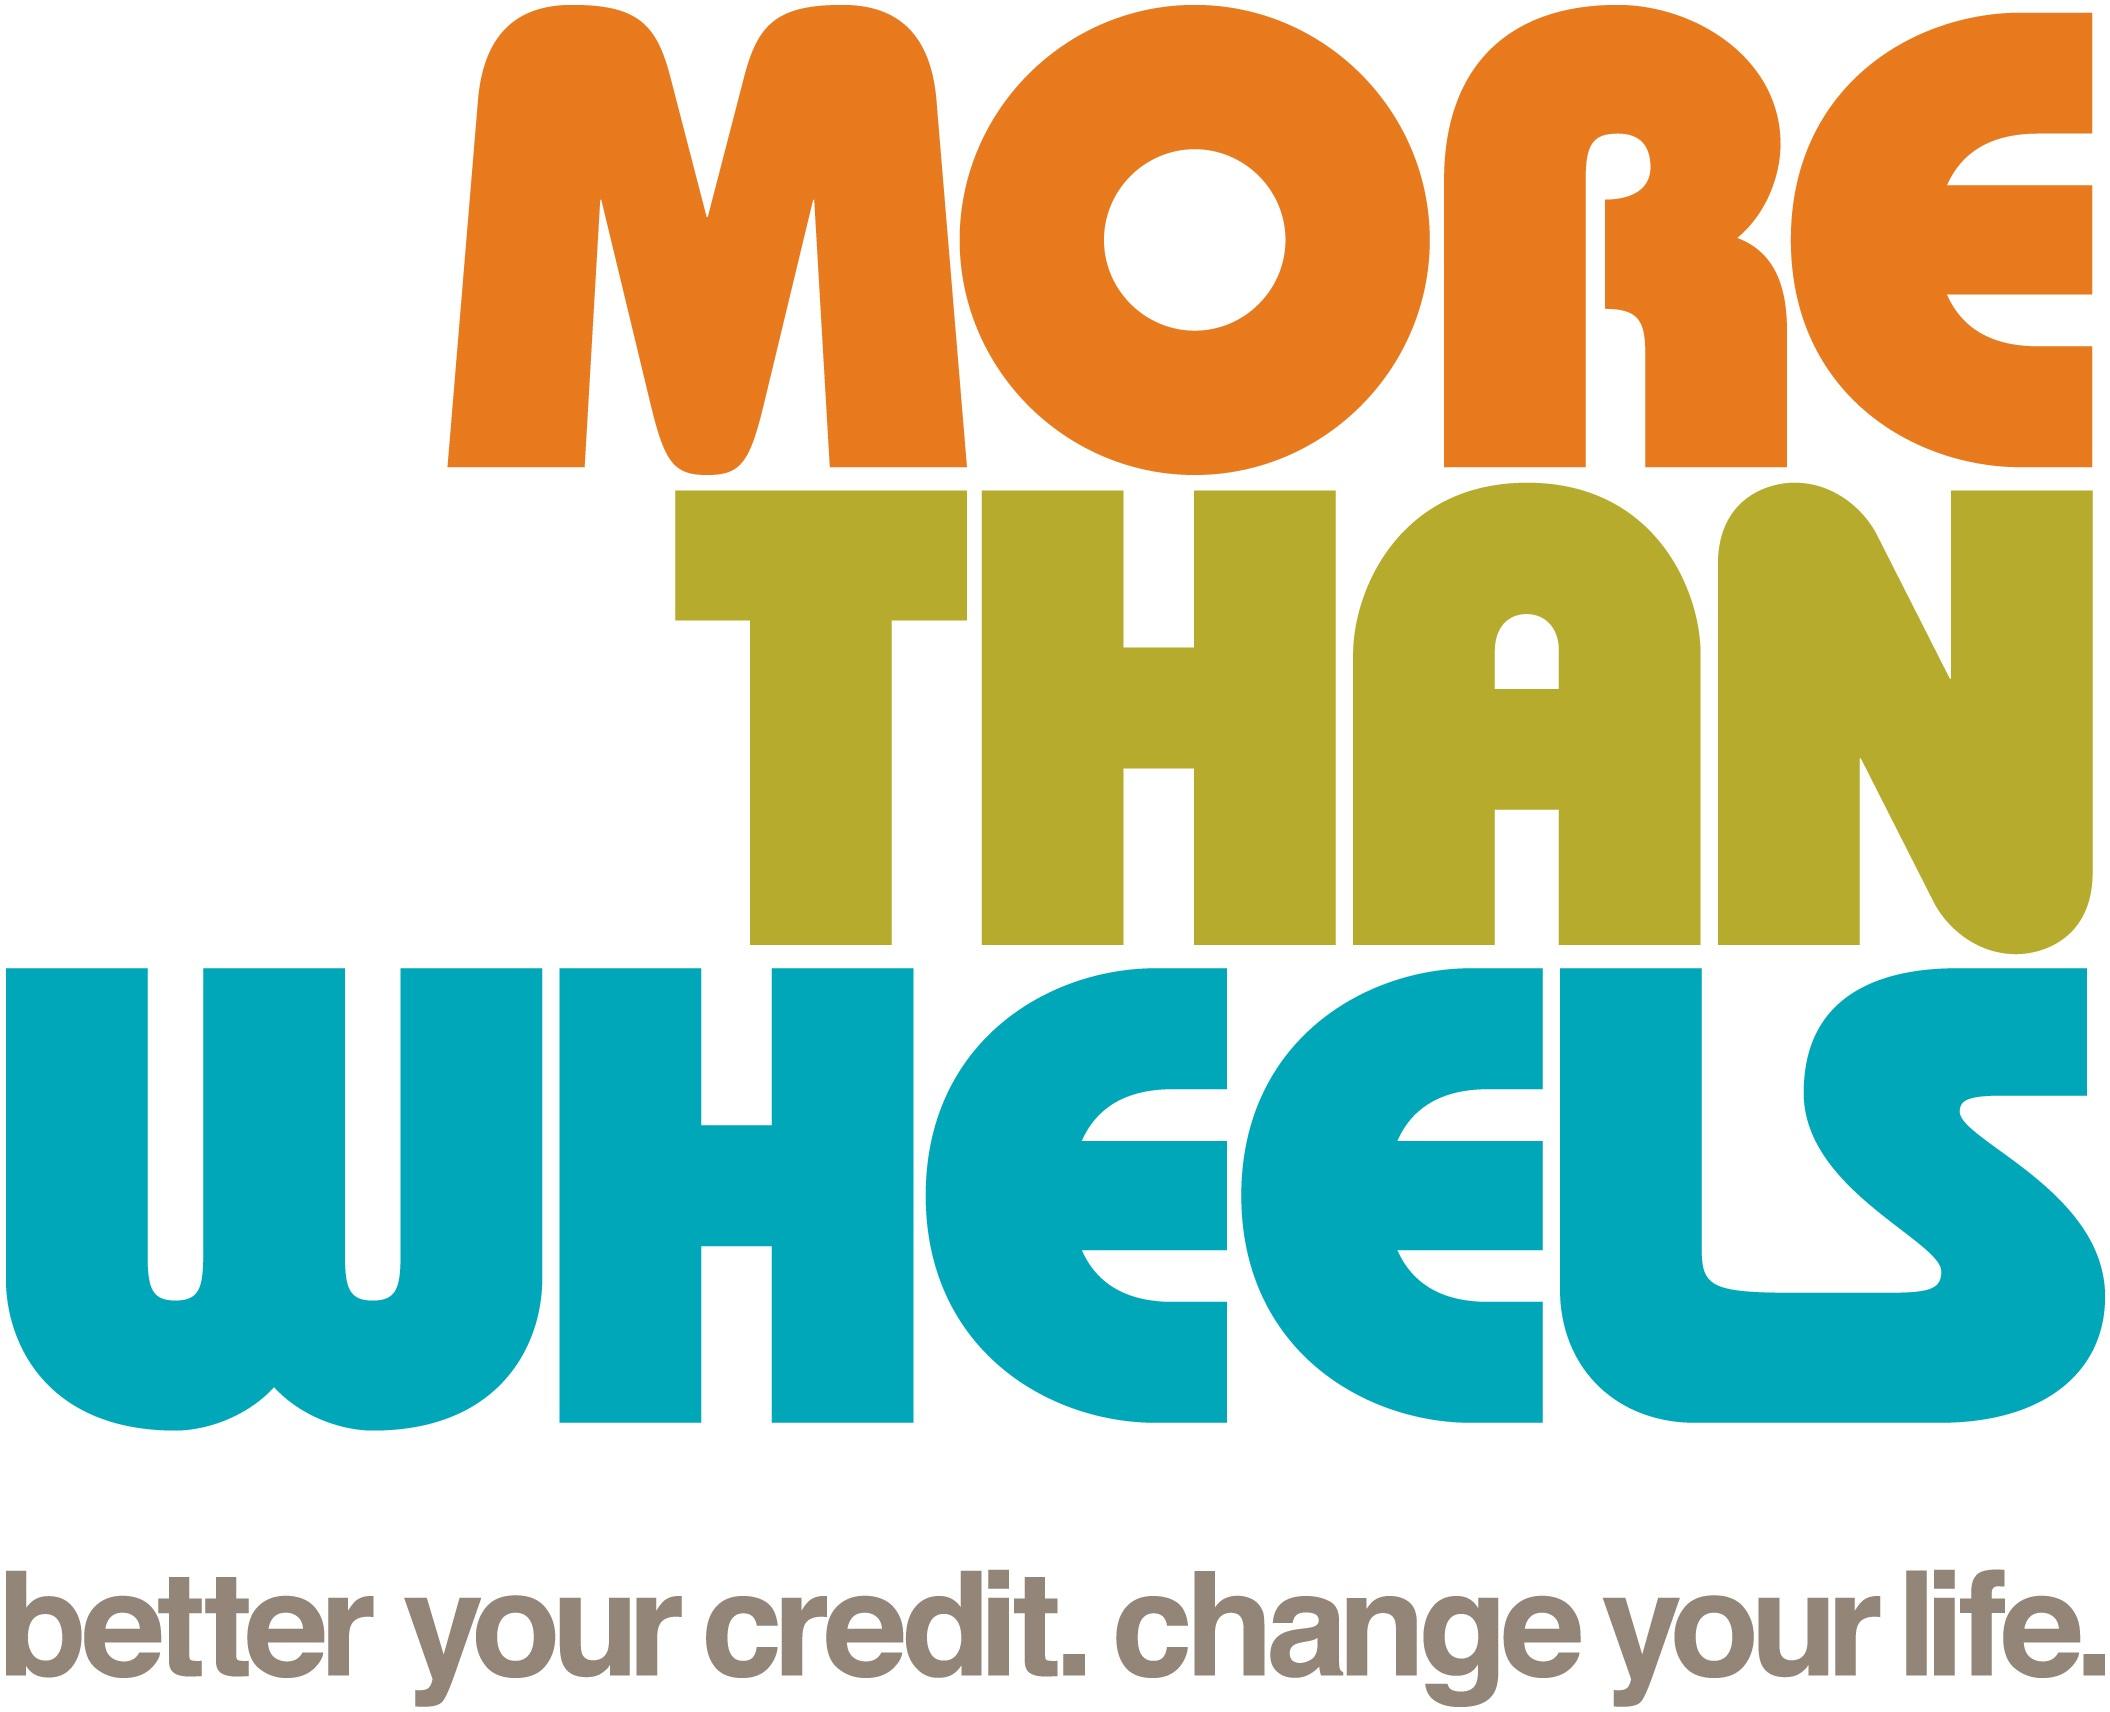 Brm0to7sses2btpomozc+more_than_wheels_logo